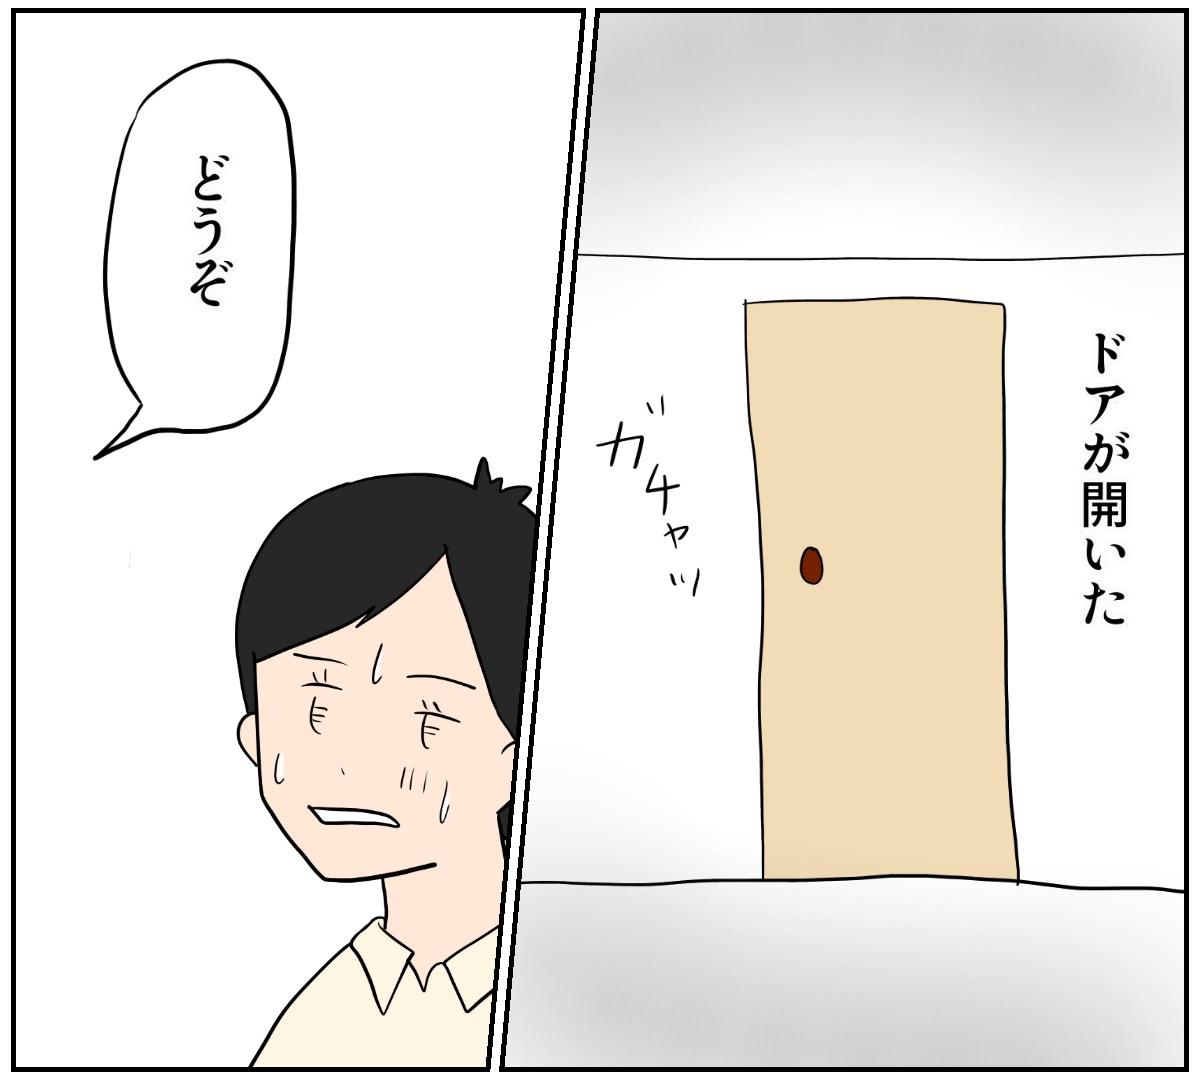 f:id:kaco-matsu:20190814152130j:plain